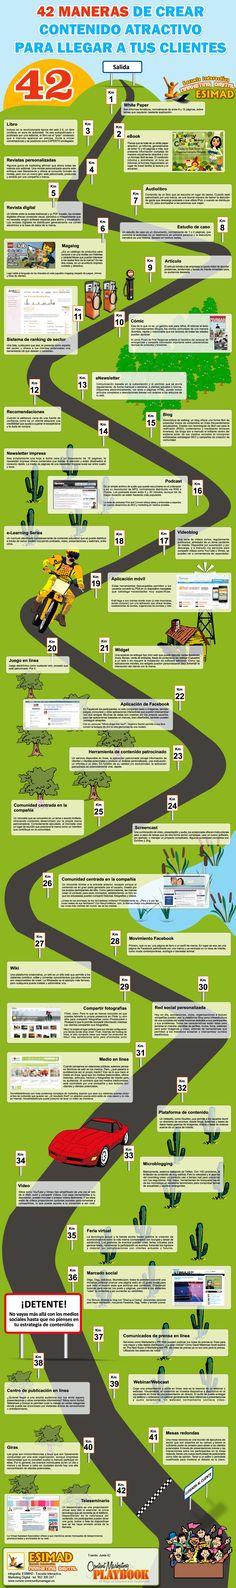 Infografia-42-maneras